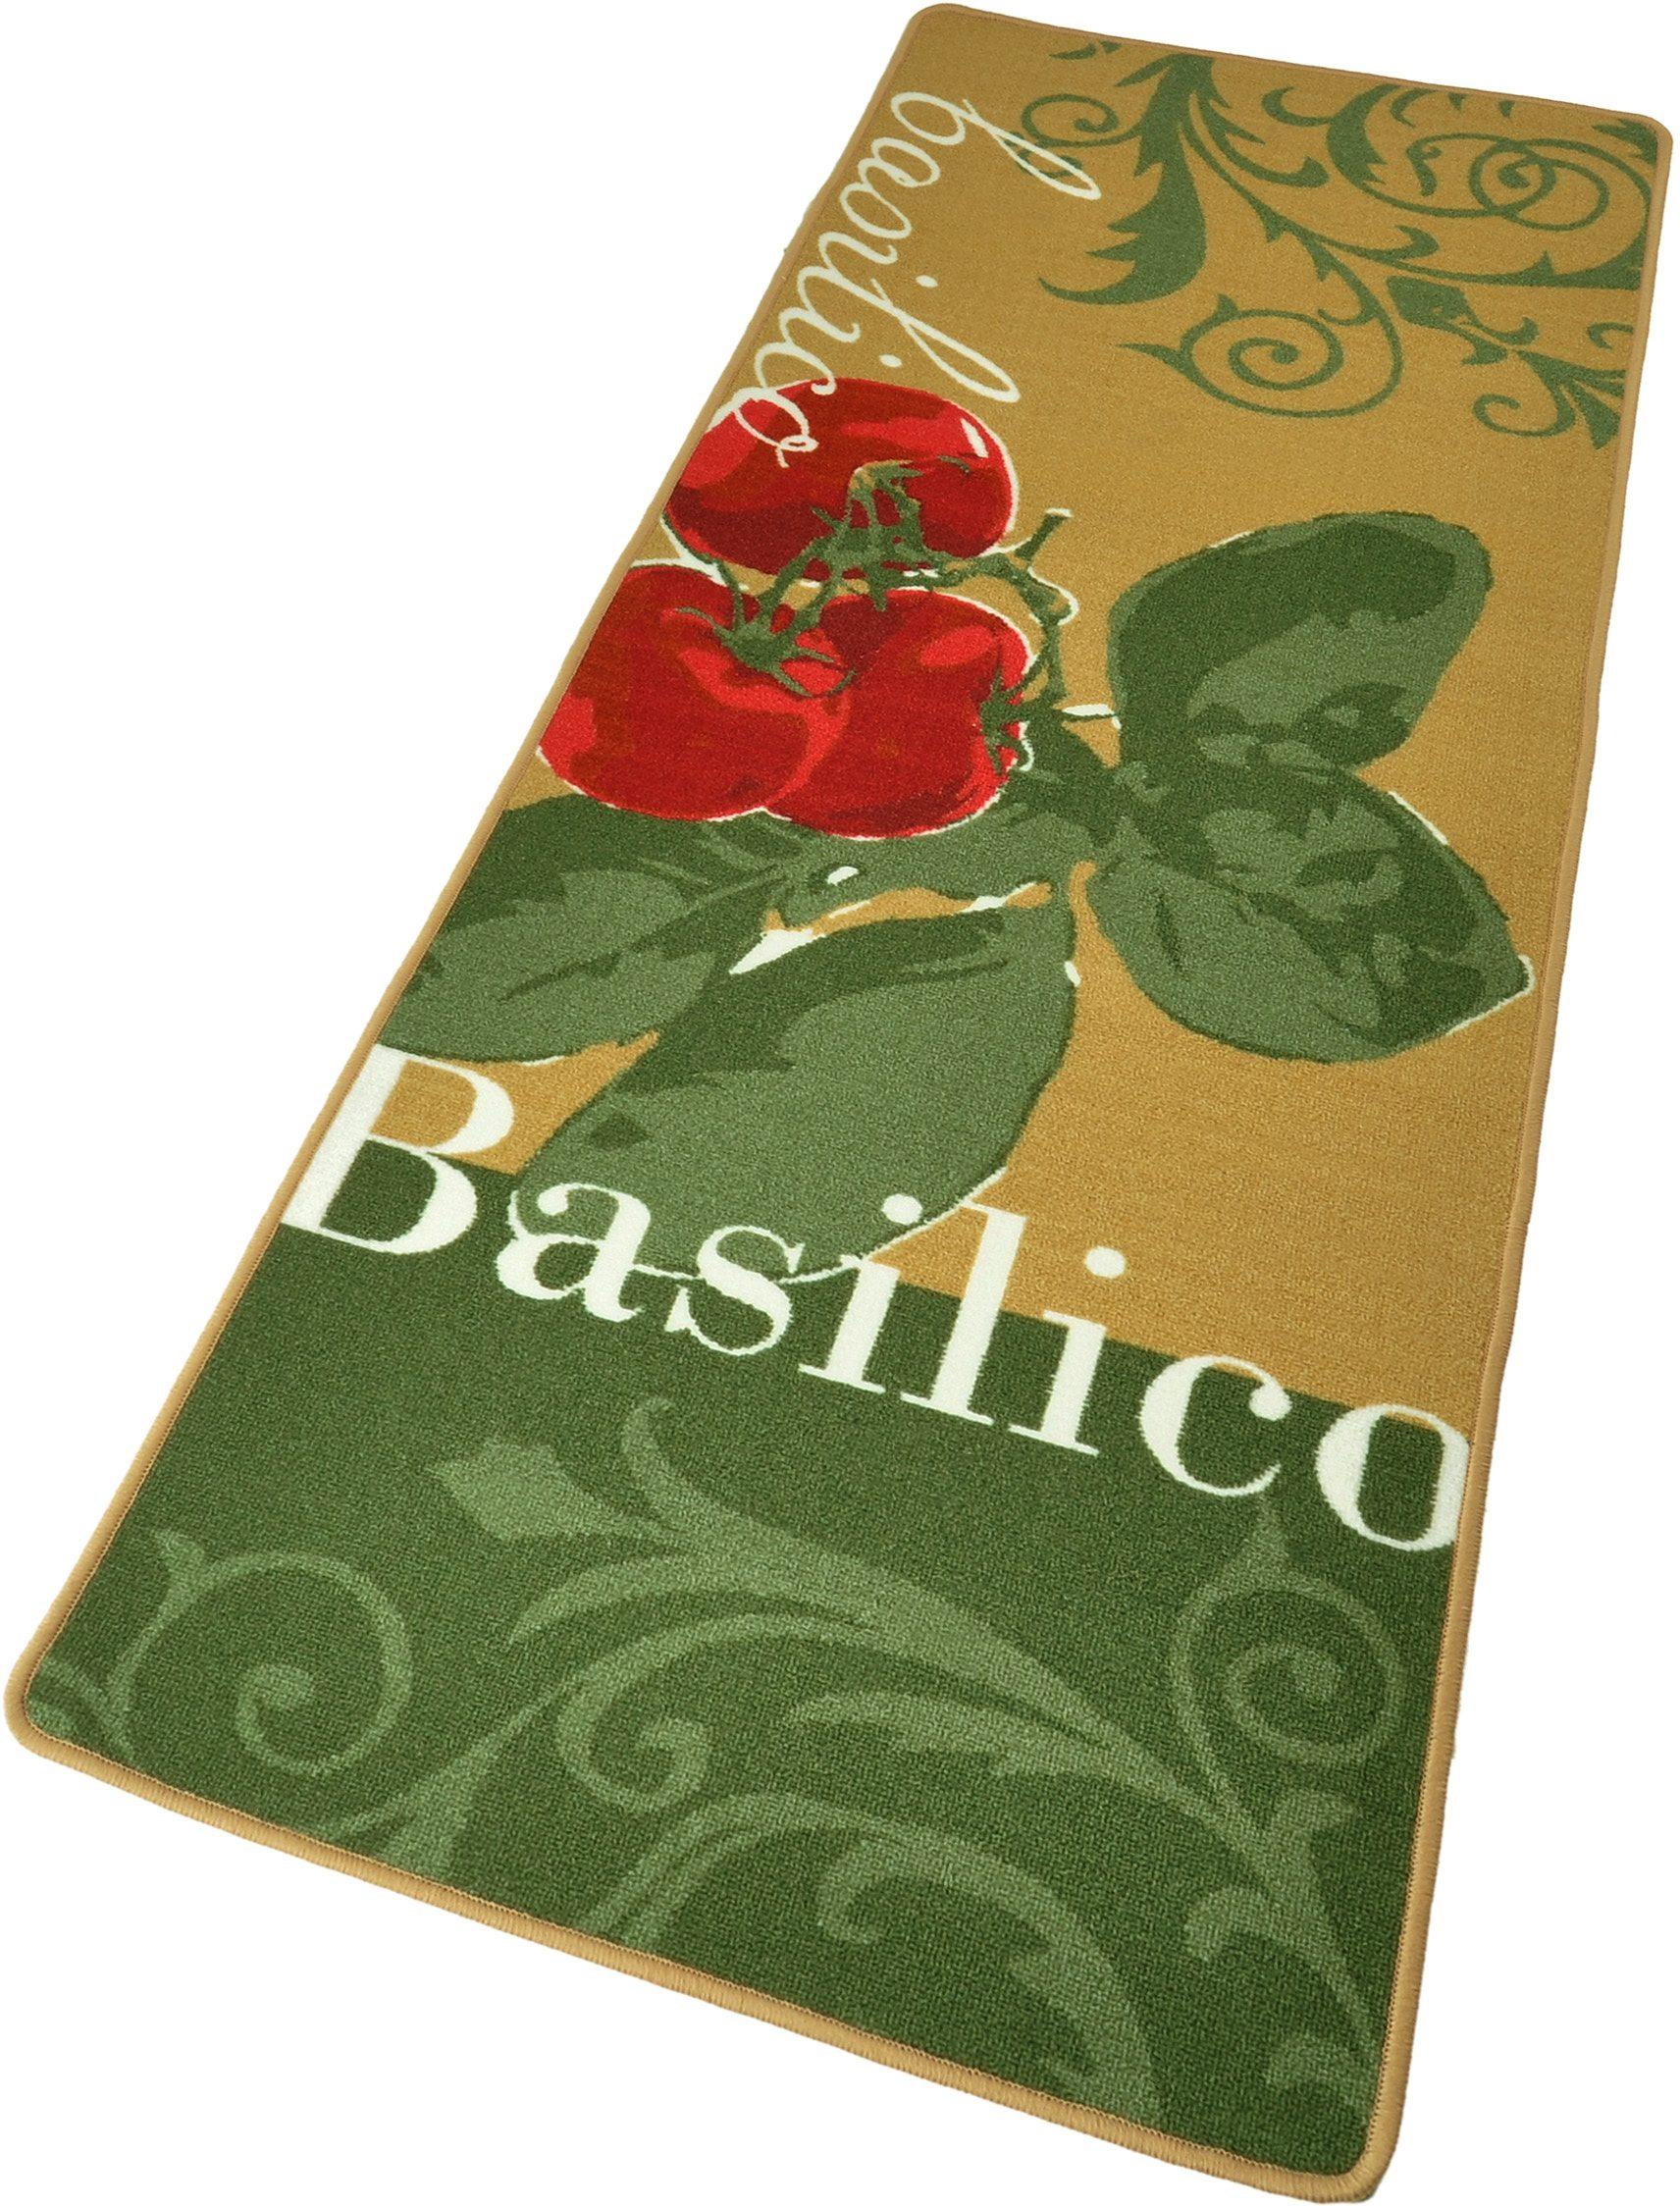 Küchenläufer »Basilico«, HANSE Home, rechteckig, Höhe 8 mm